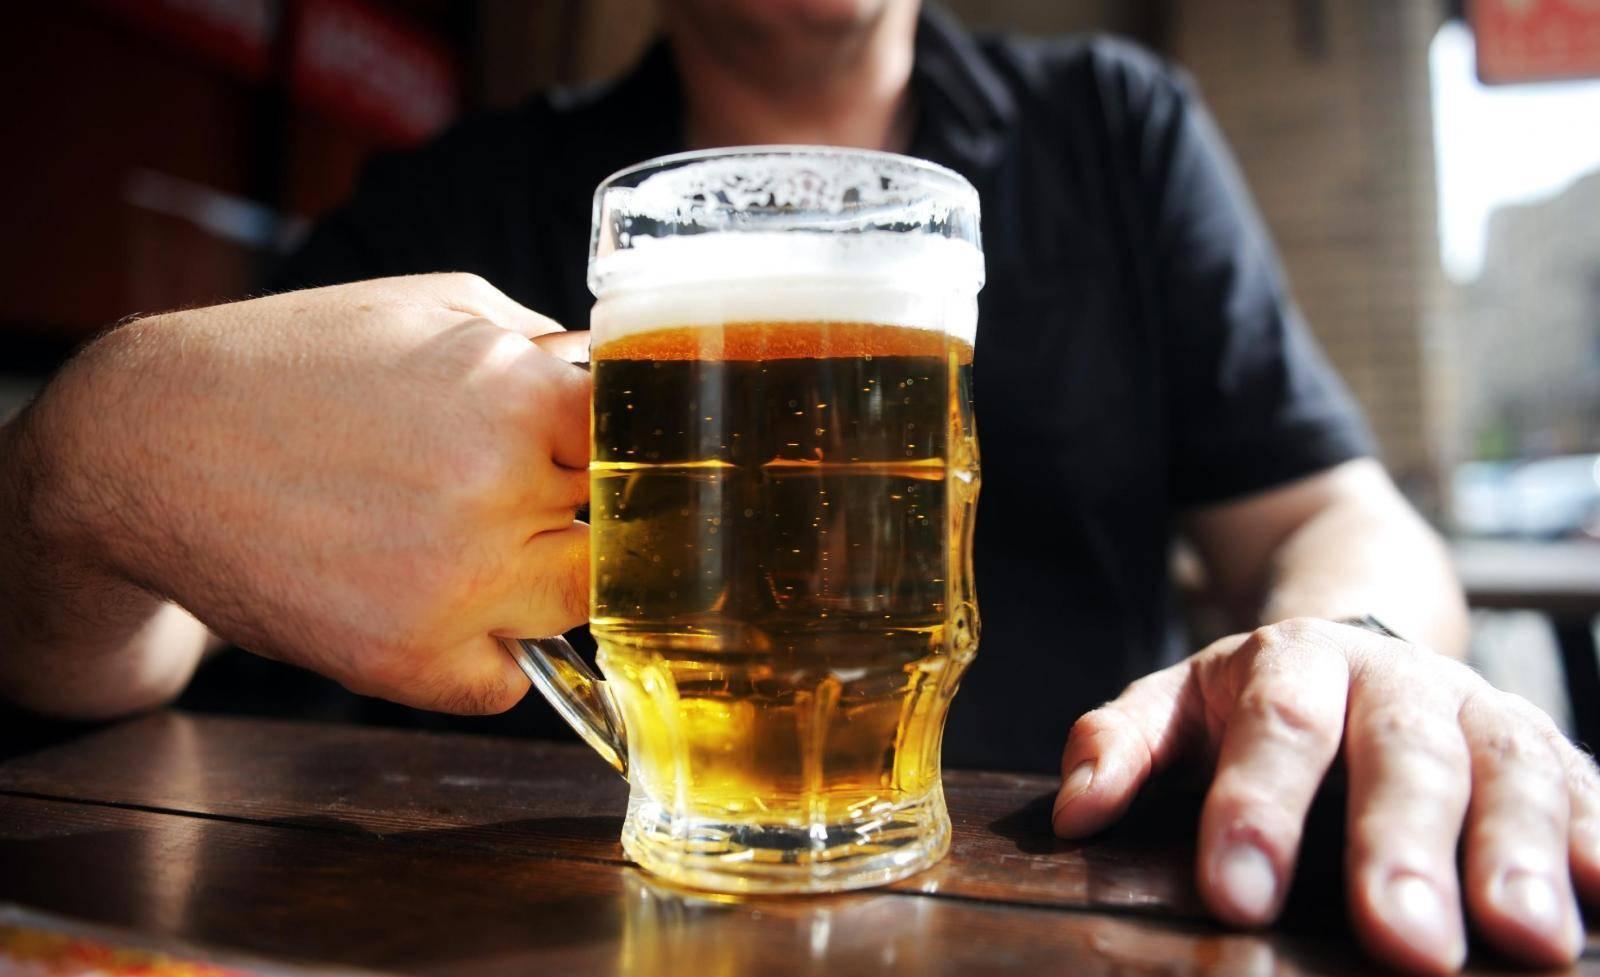 Выпить 200 грамм водки с похмелья. чем лучше похмеляться: пивом или водкой, и как правильно опохмелиться